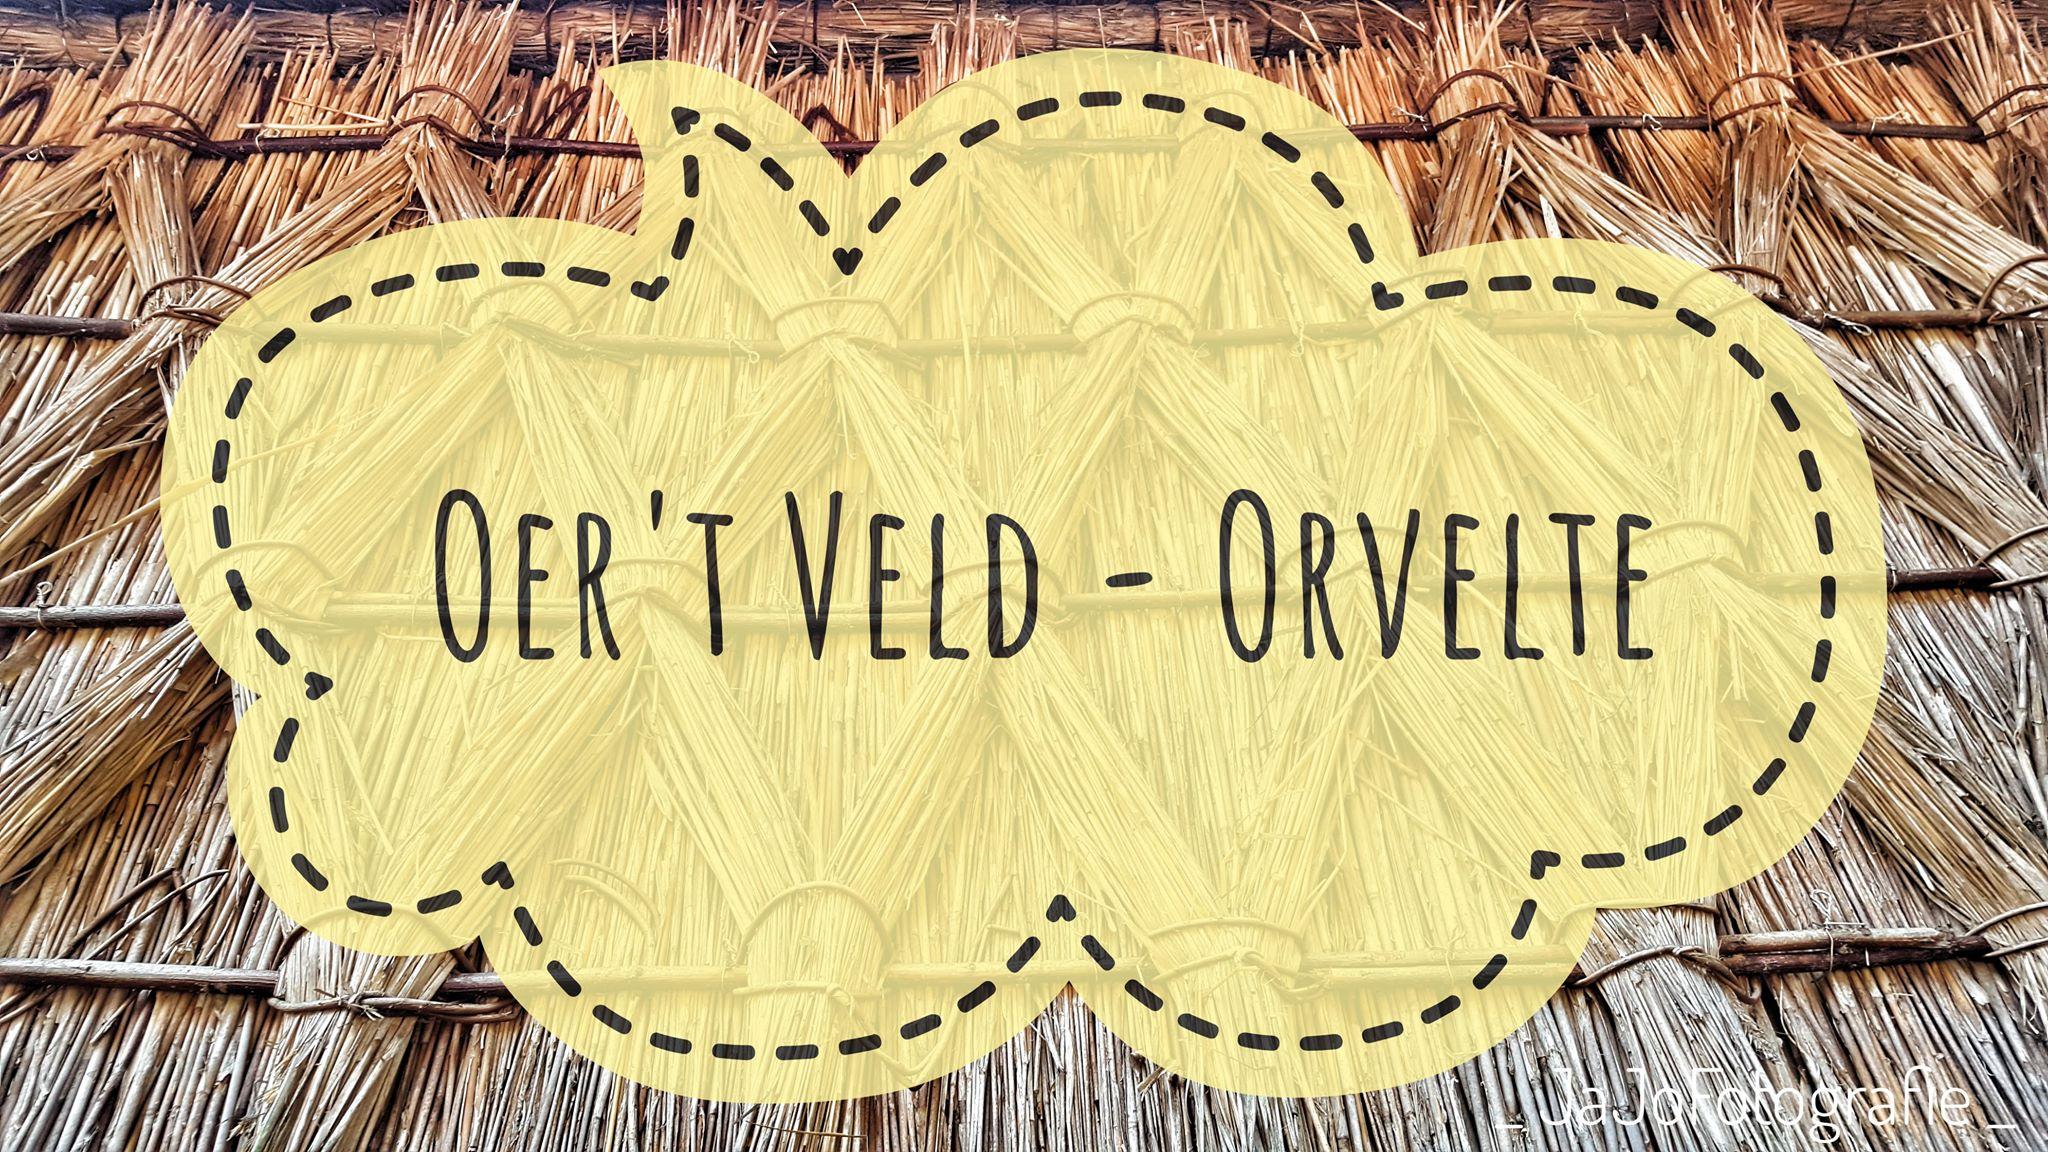 Oer't Veld Route – Orvelte